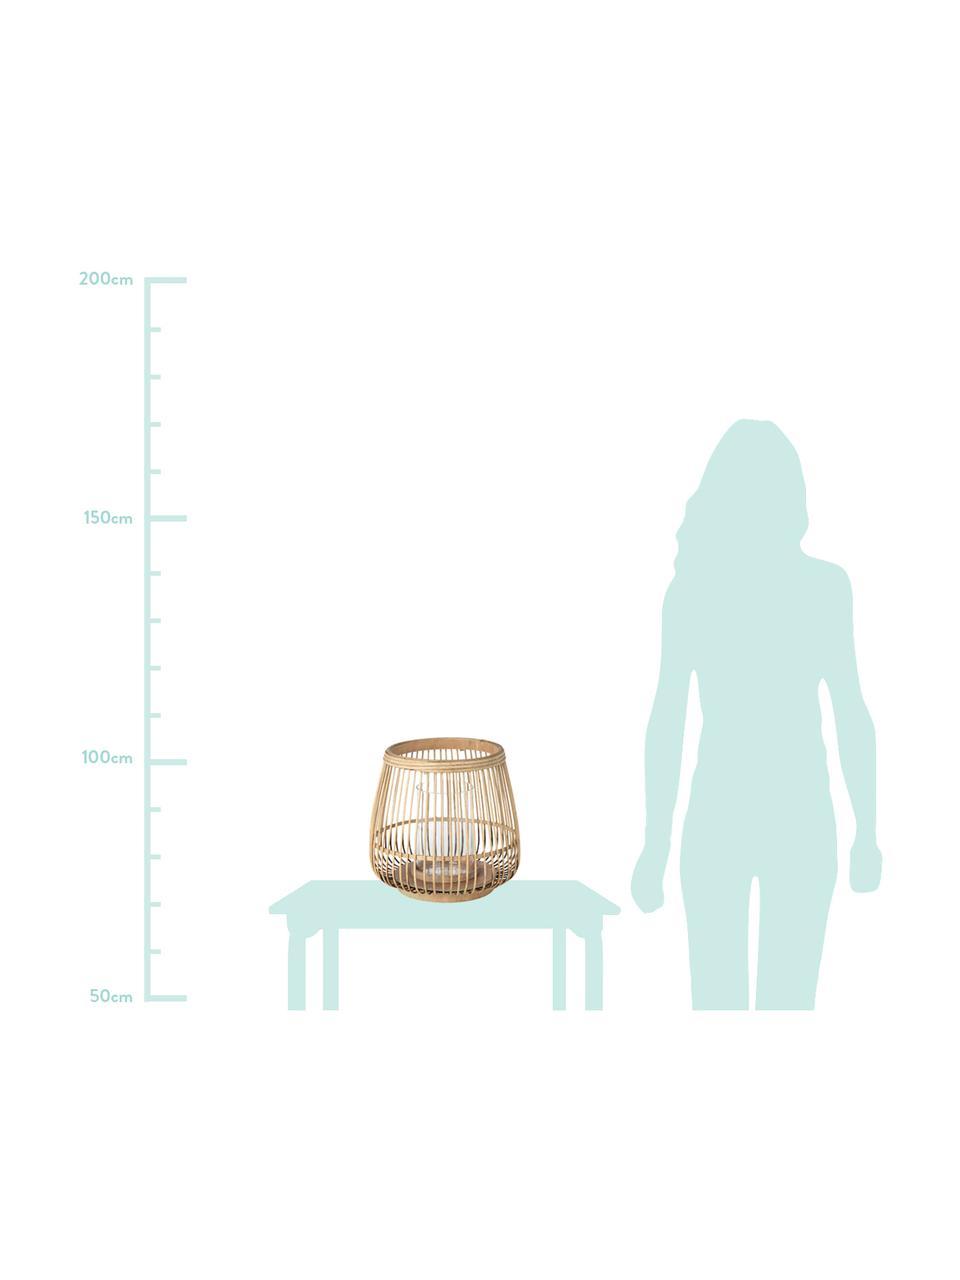 Lanterne en bambou Caits, Lanterne: brun clair Protège-flemme: transparent